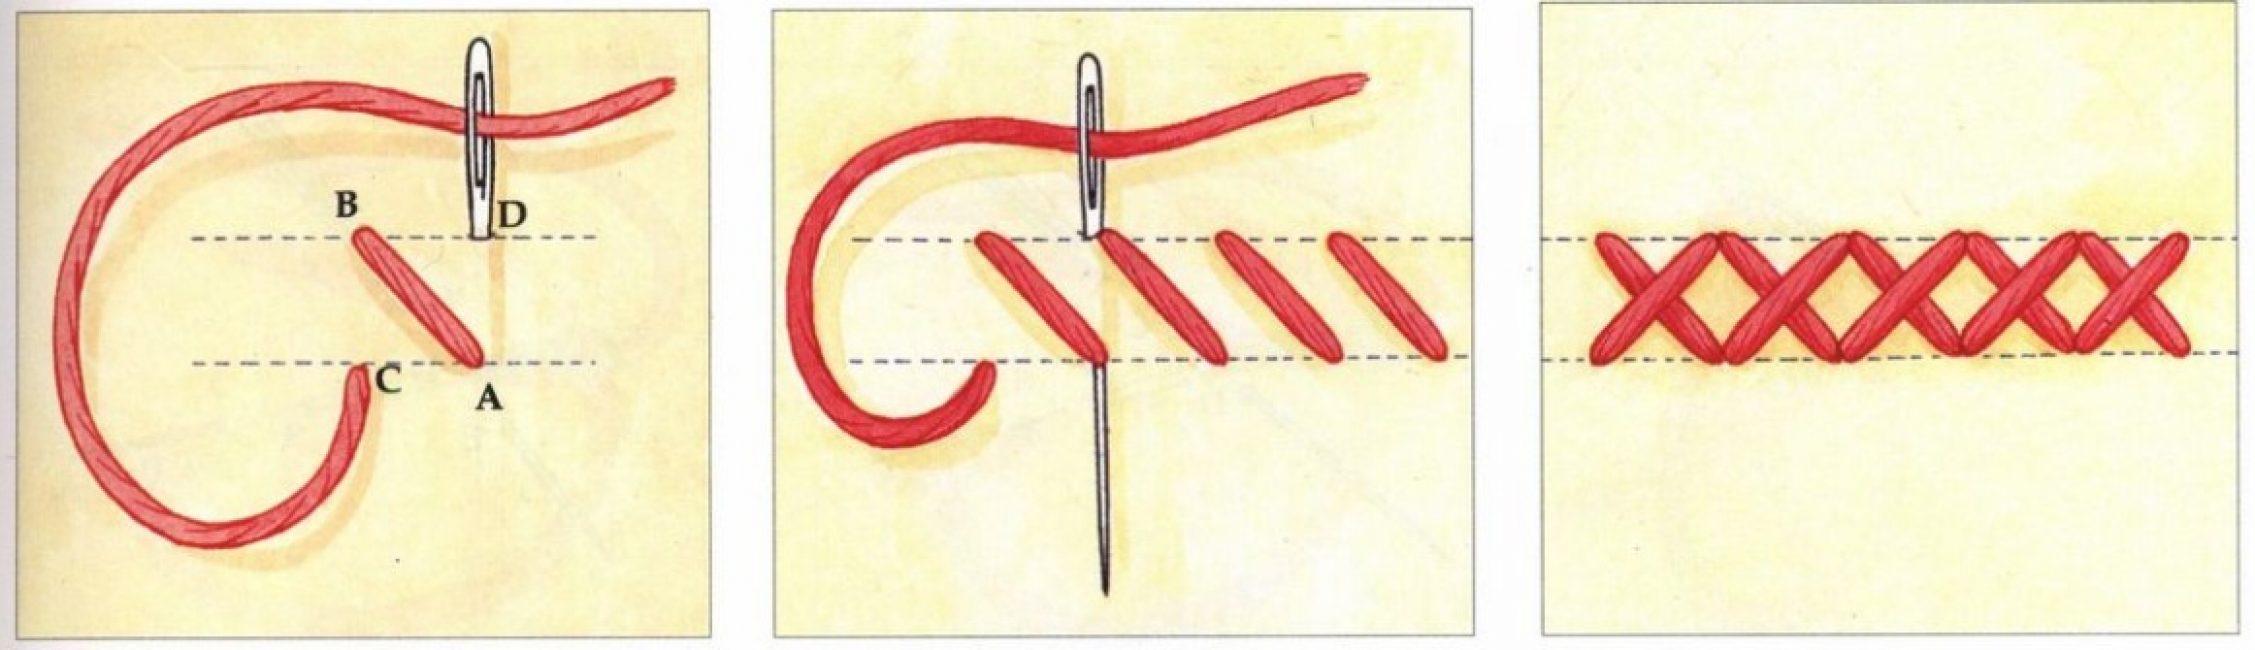 Как обработать фото для вышивки крестом